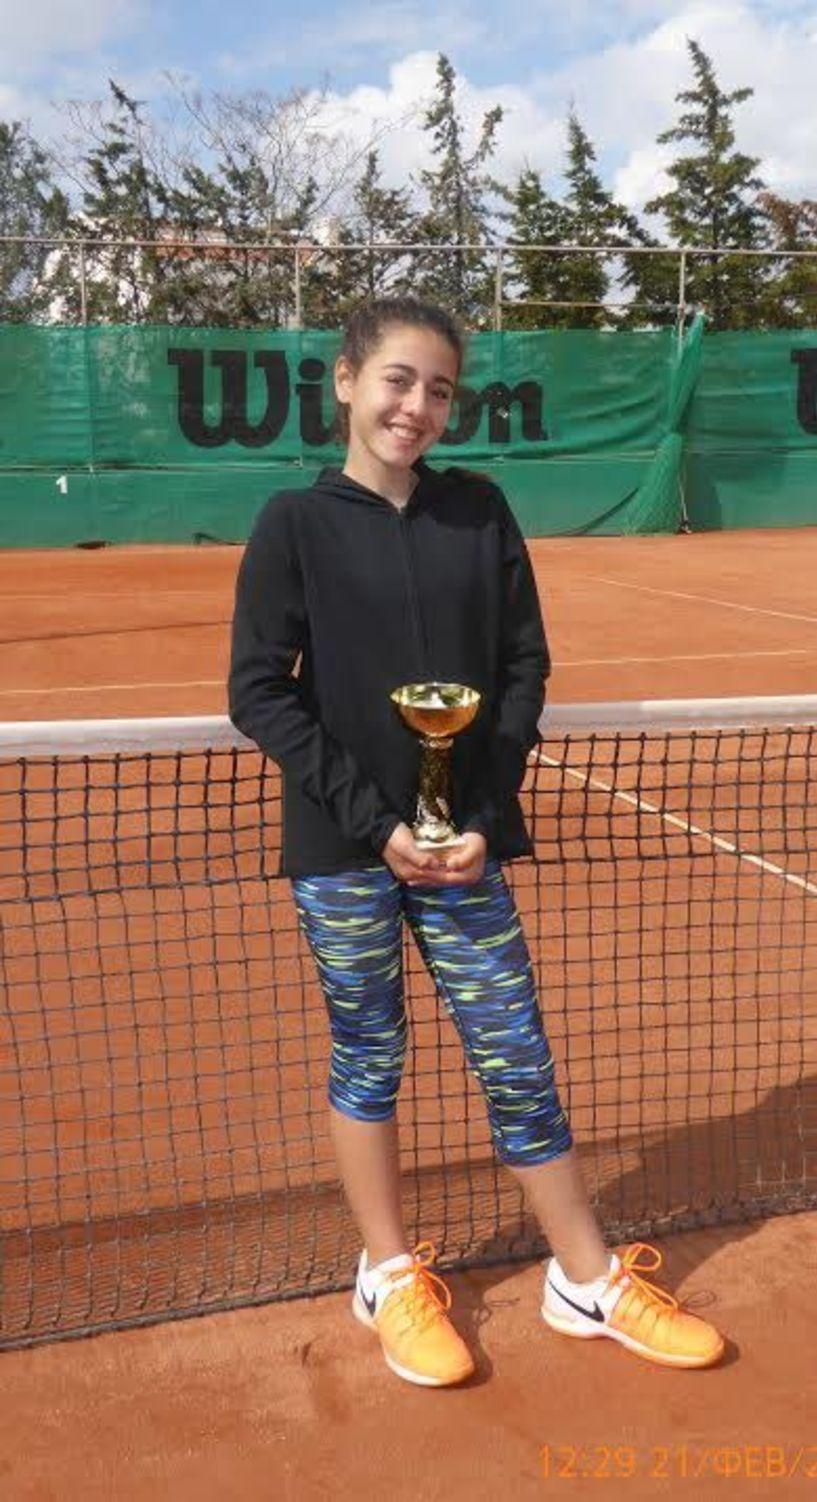 Μεγάλη επιτυχία για την Ελένη Λαζαρίδου. Δεύτερη θέση στο πανελλήνιο πρωτάθλημα πρώτου επιπέδου